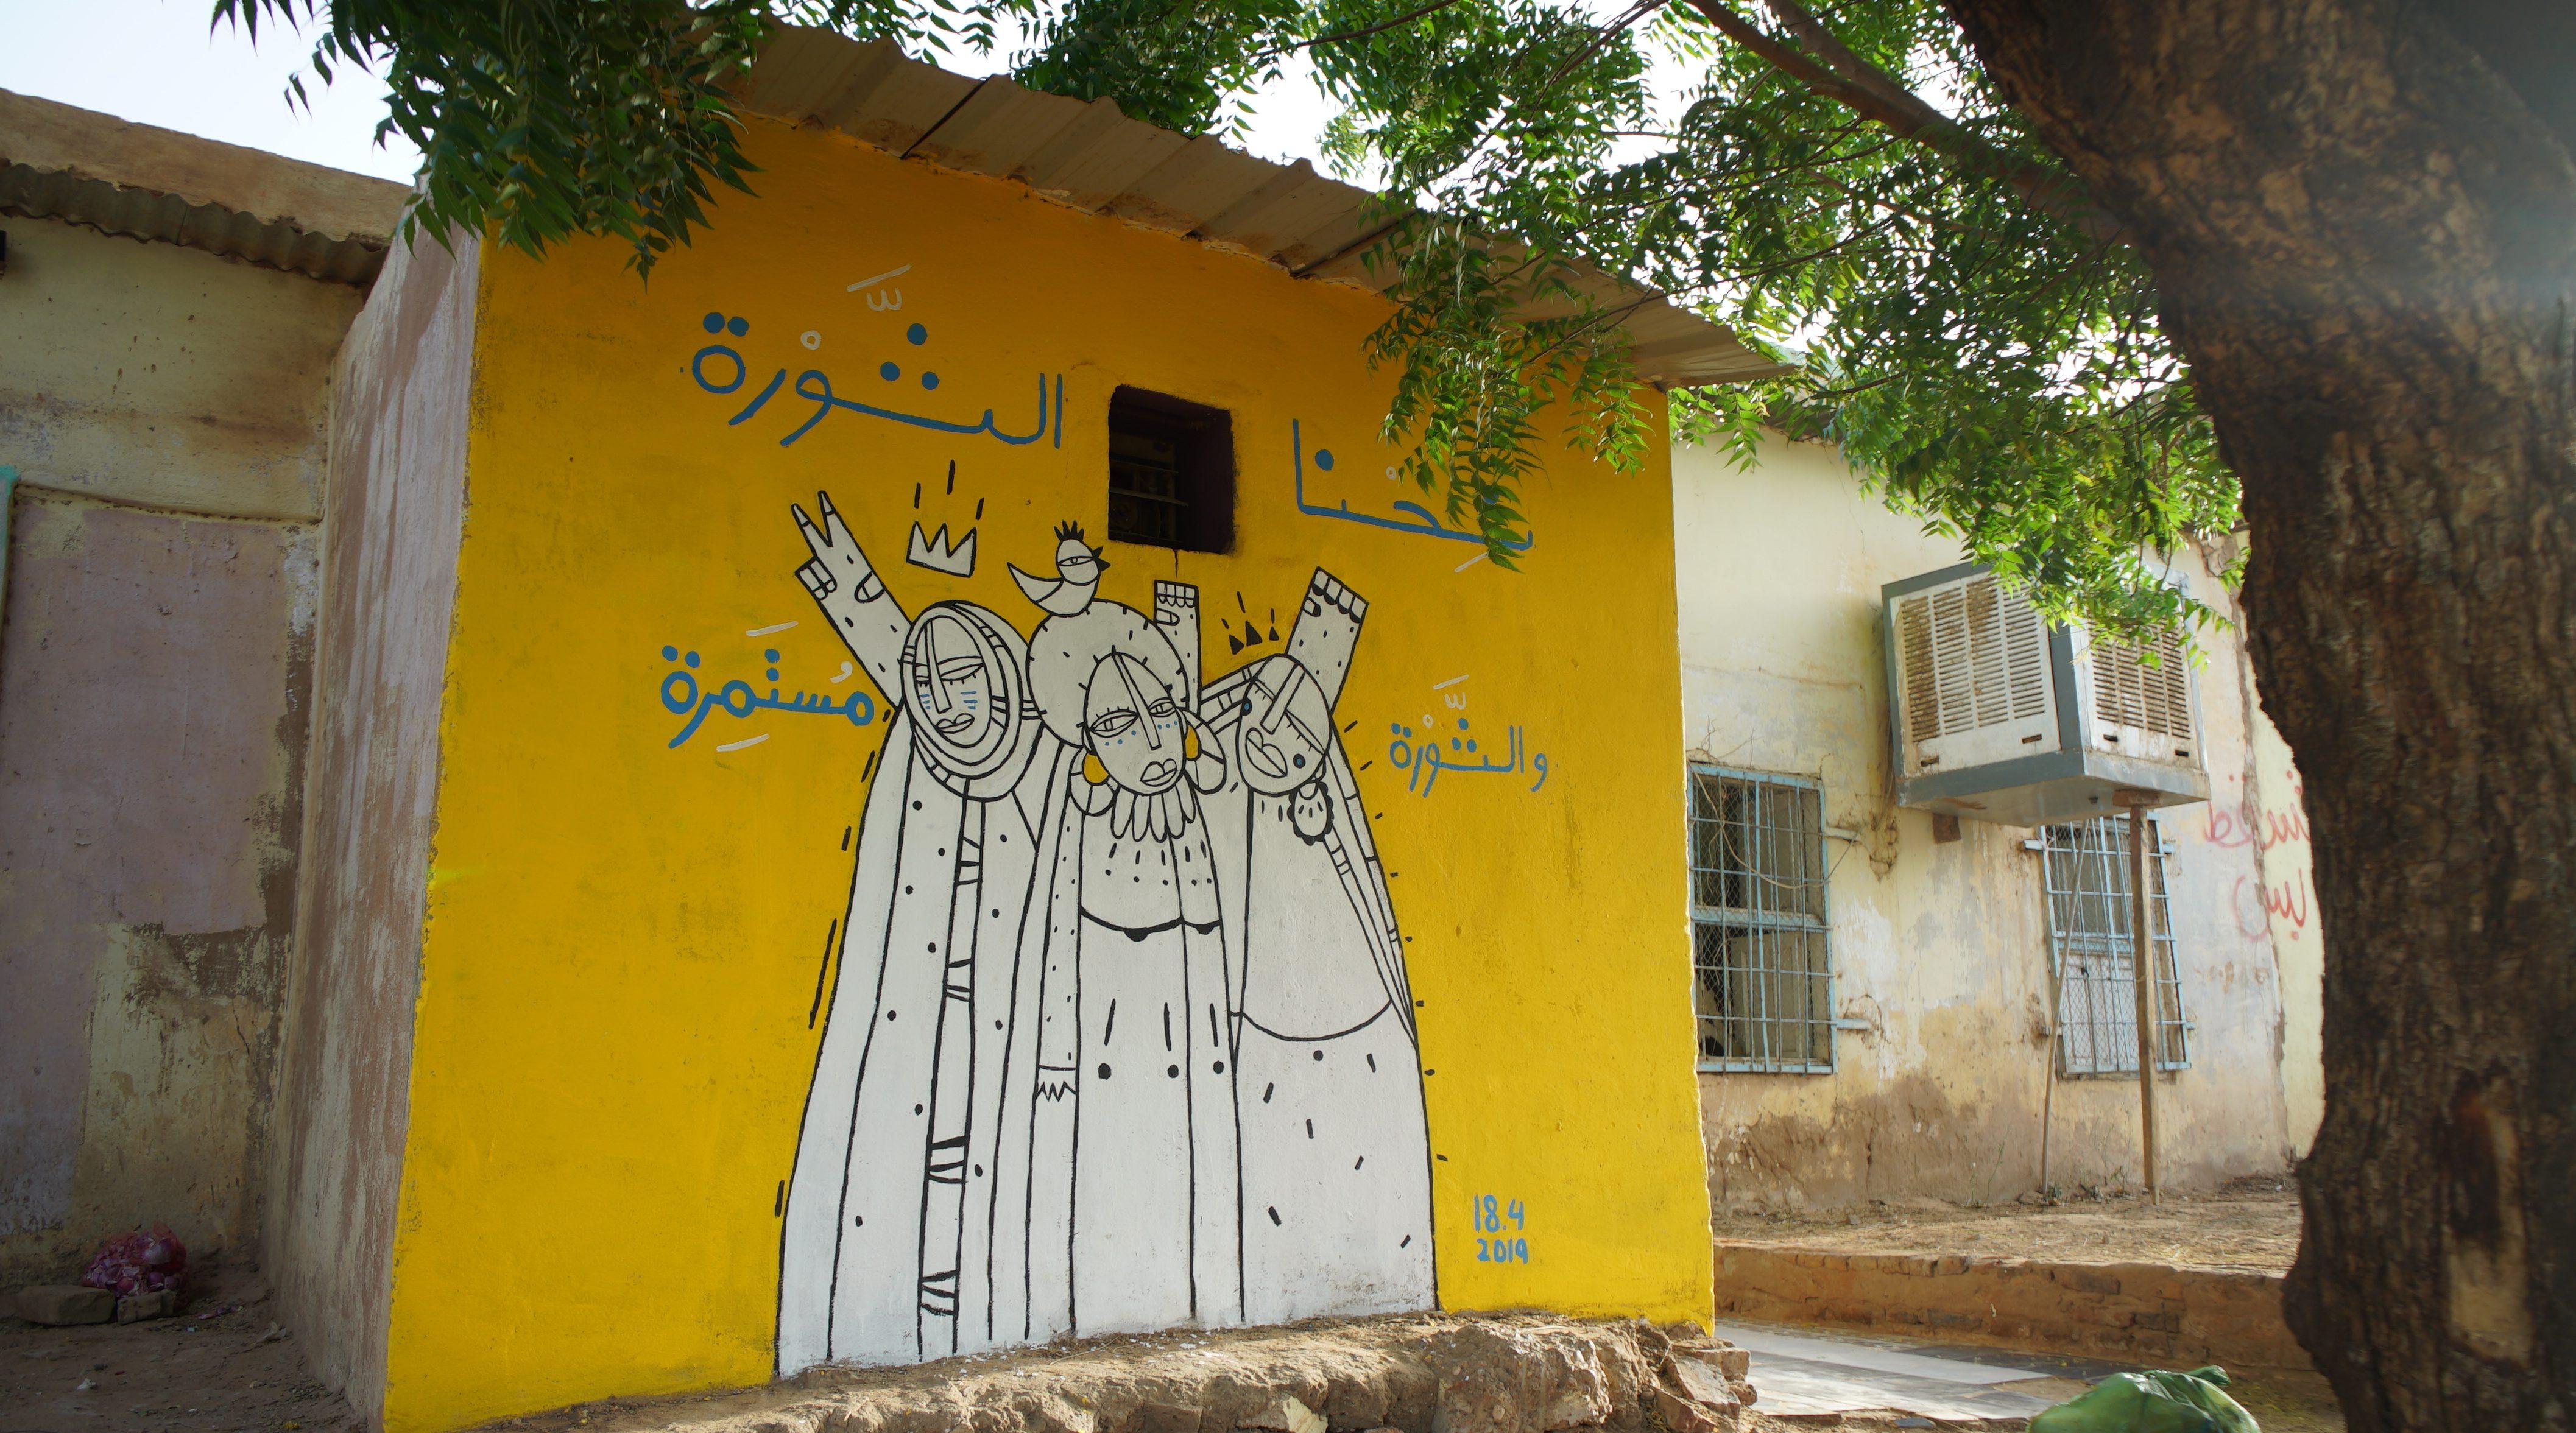 Sudan's protests inspire art, graffiti revolution